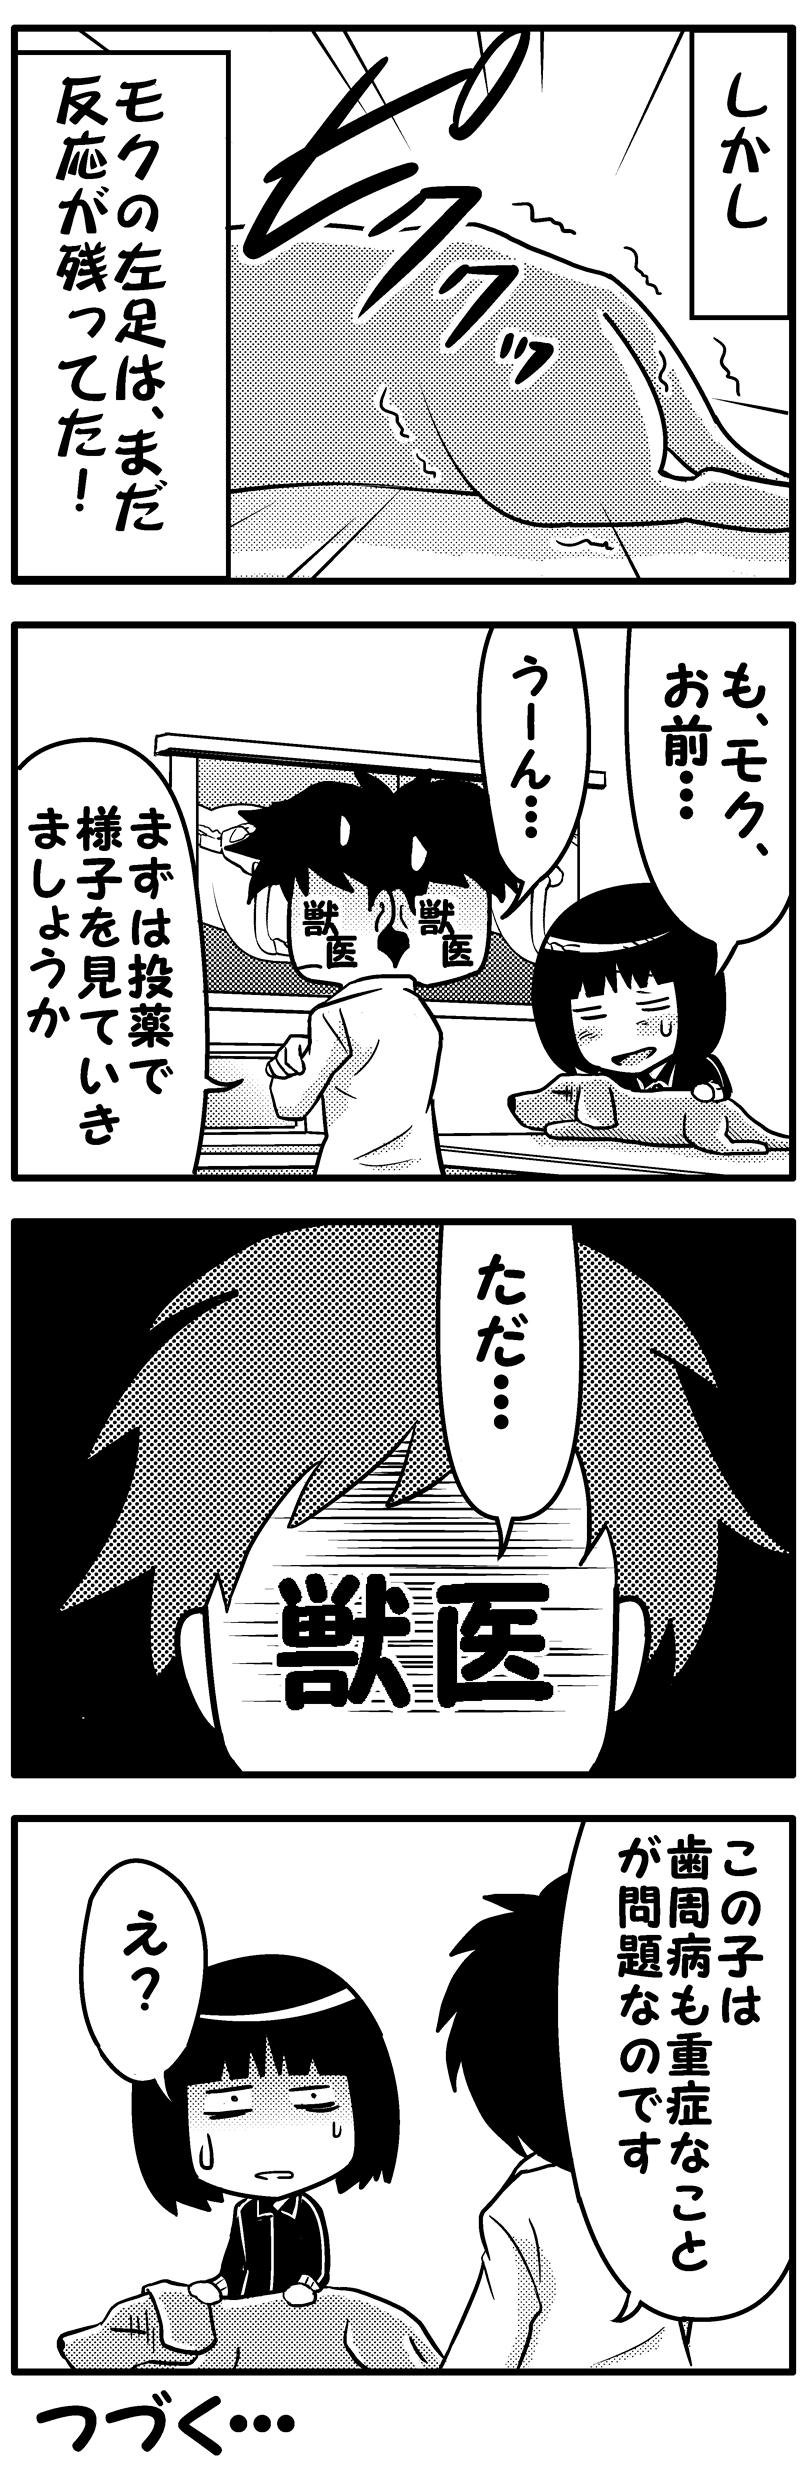 モク闘病日記2-2